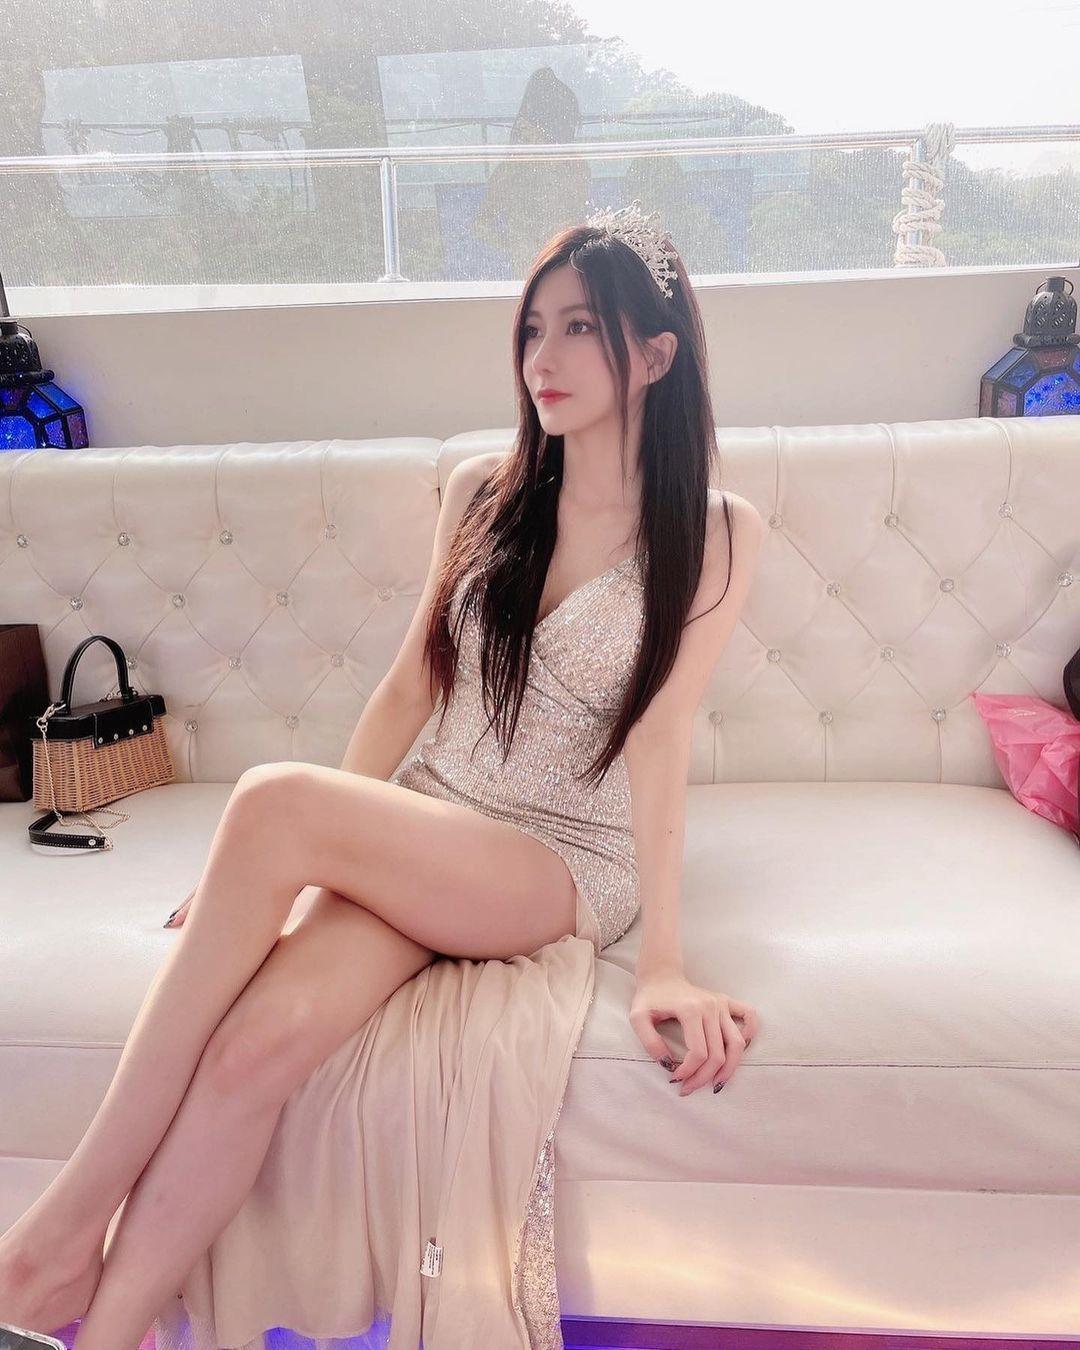 台北街头的「玉兰花美女」打扮火辣超养眼,网友热情表示:买到你提早下班. 养眼图片 第8张